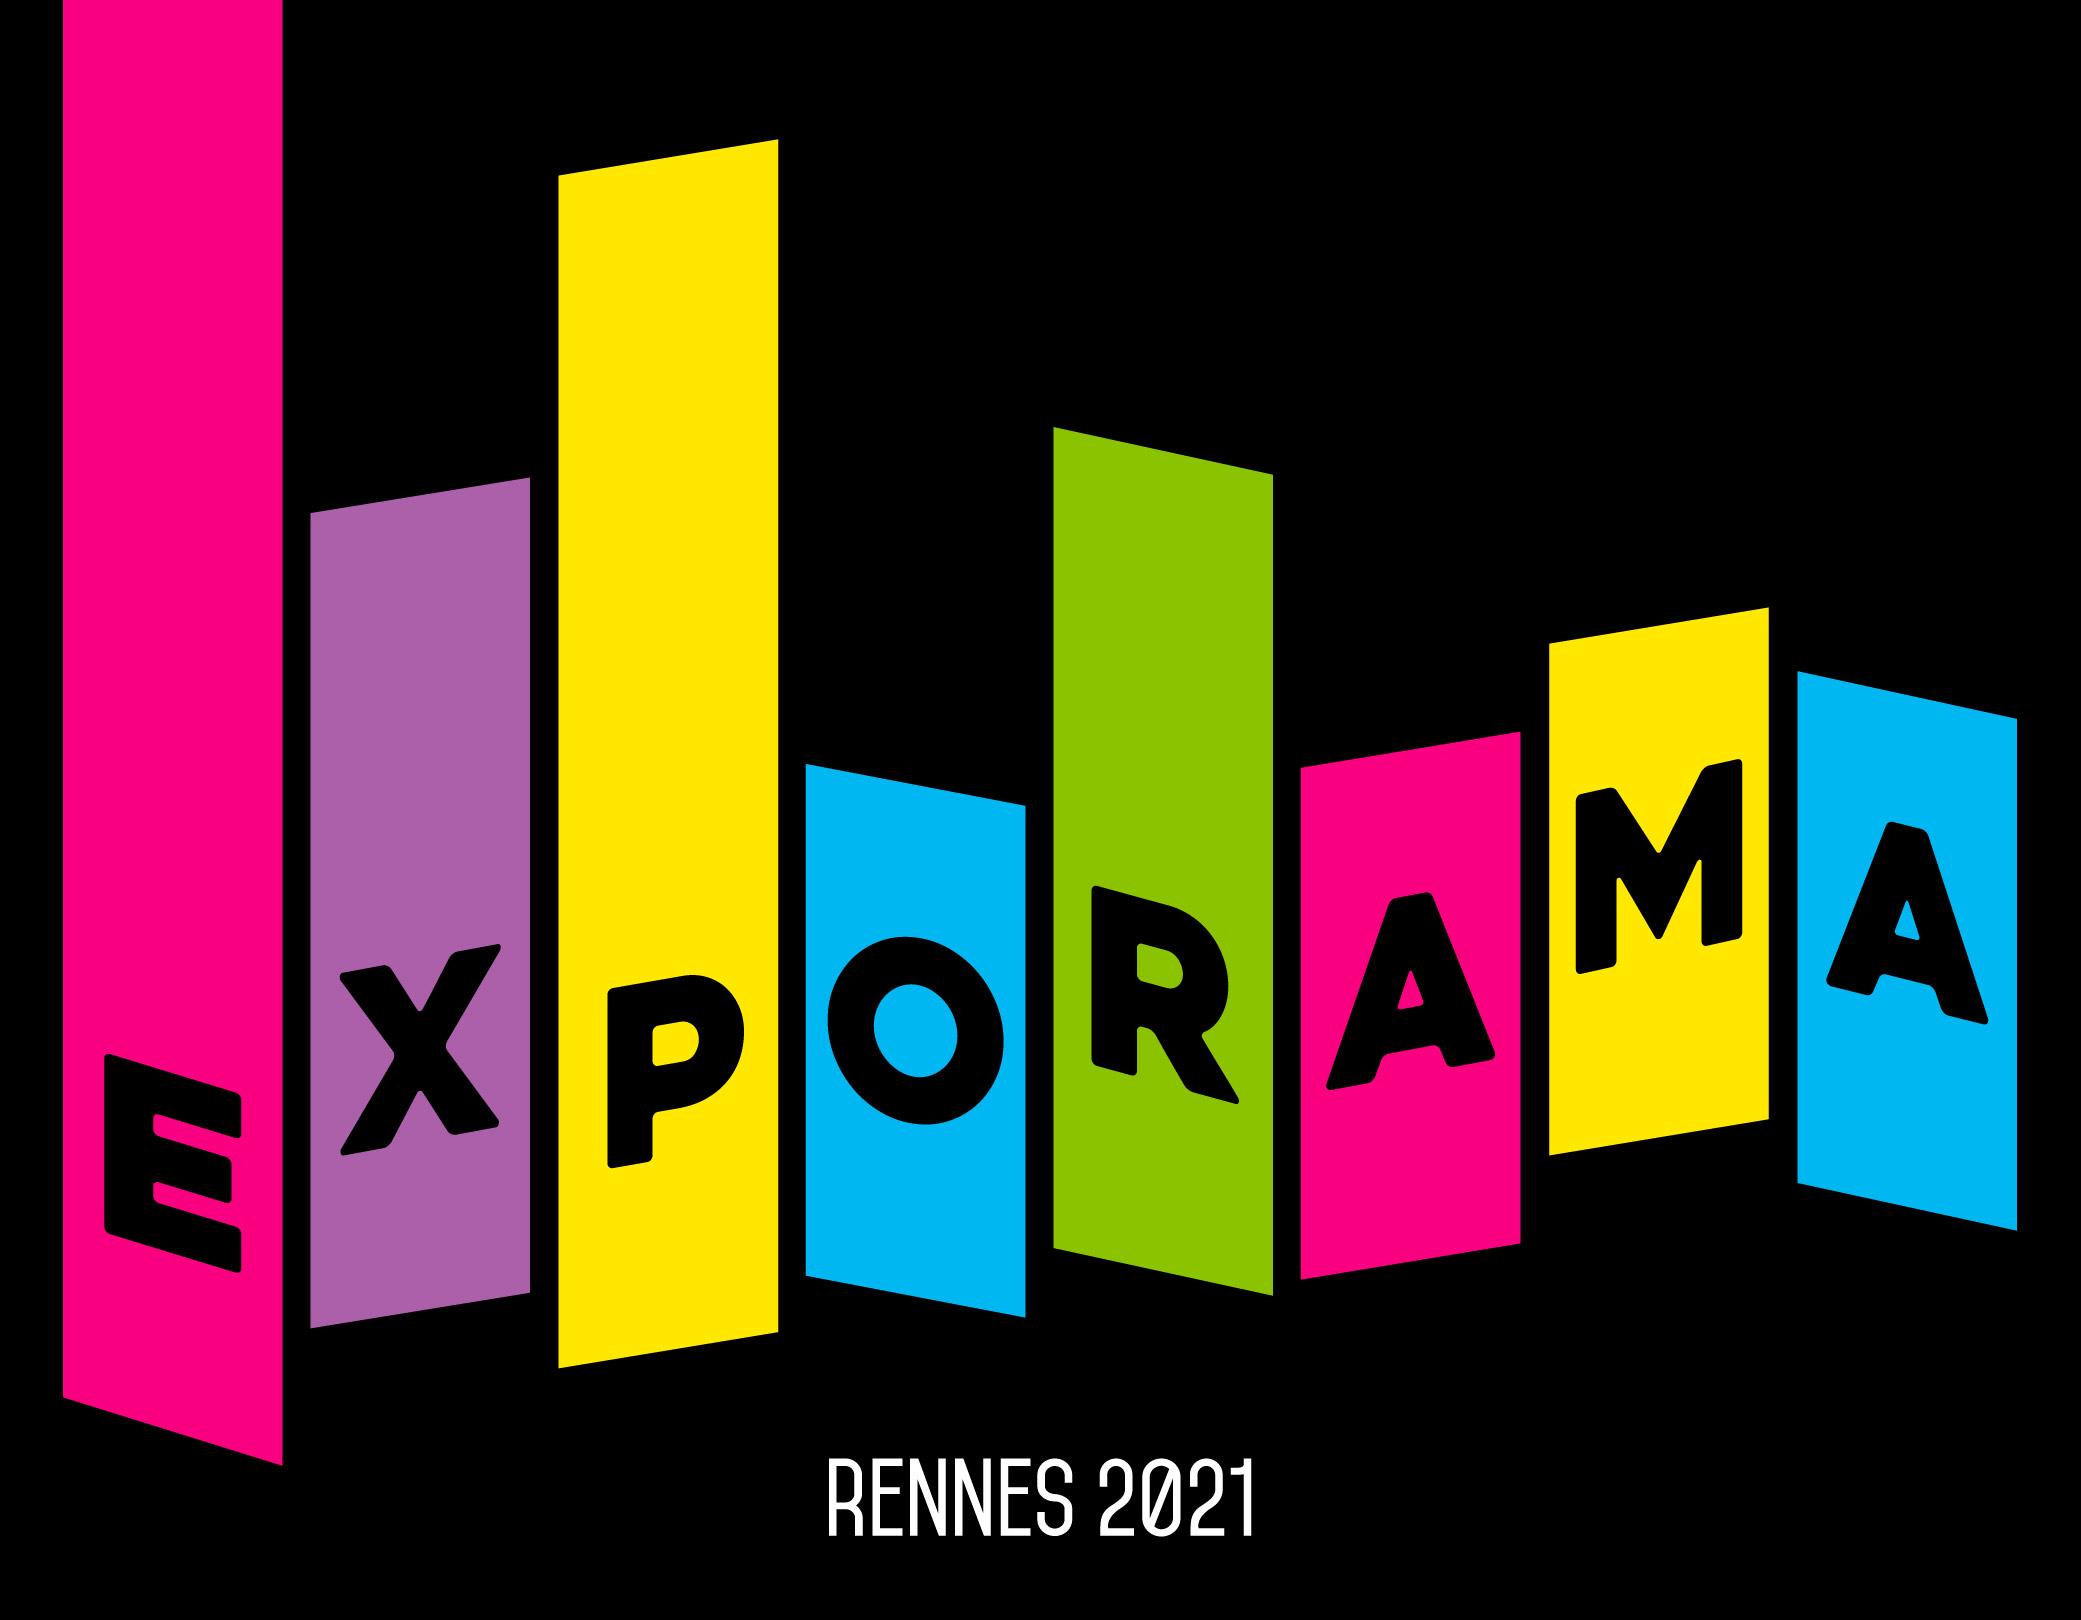 Exporama Rennes